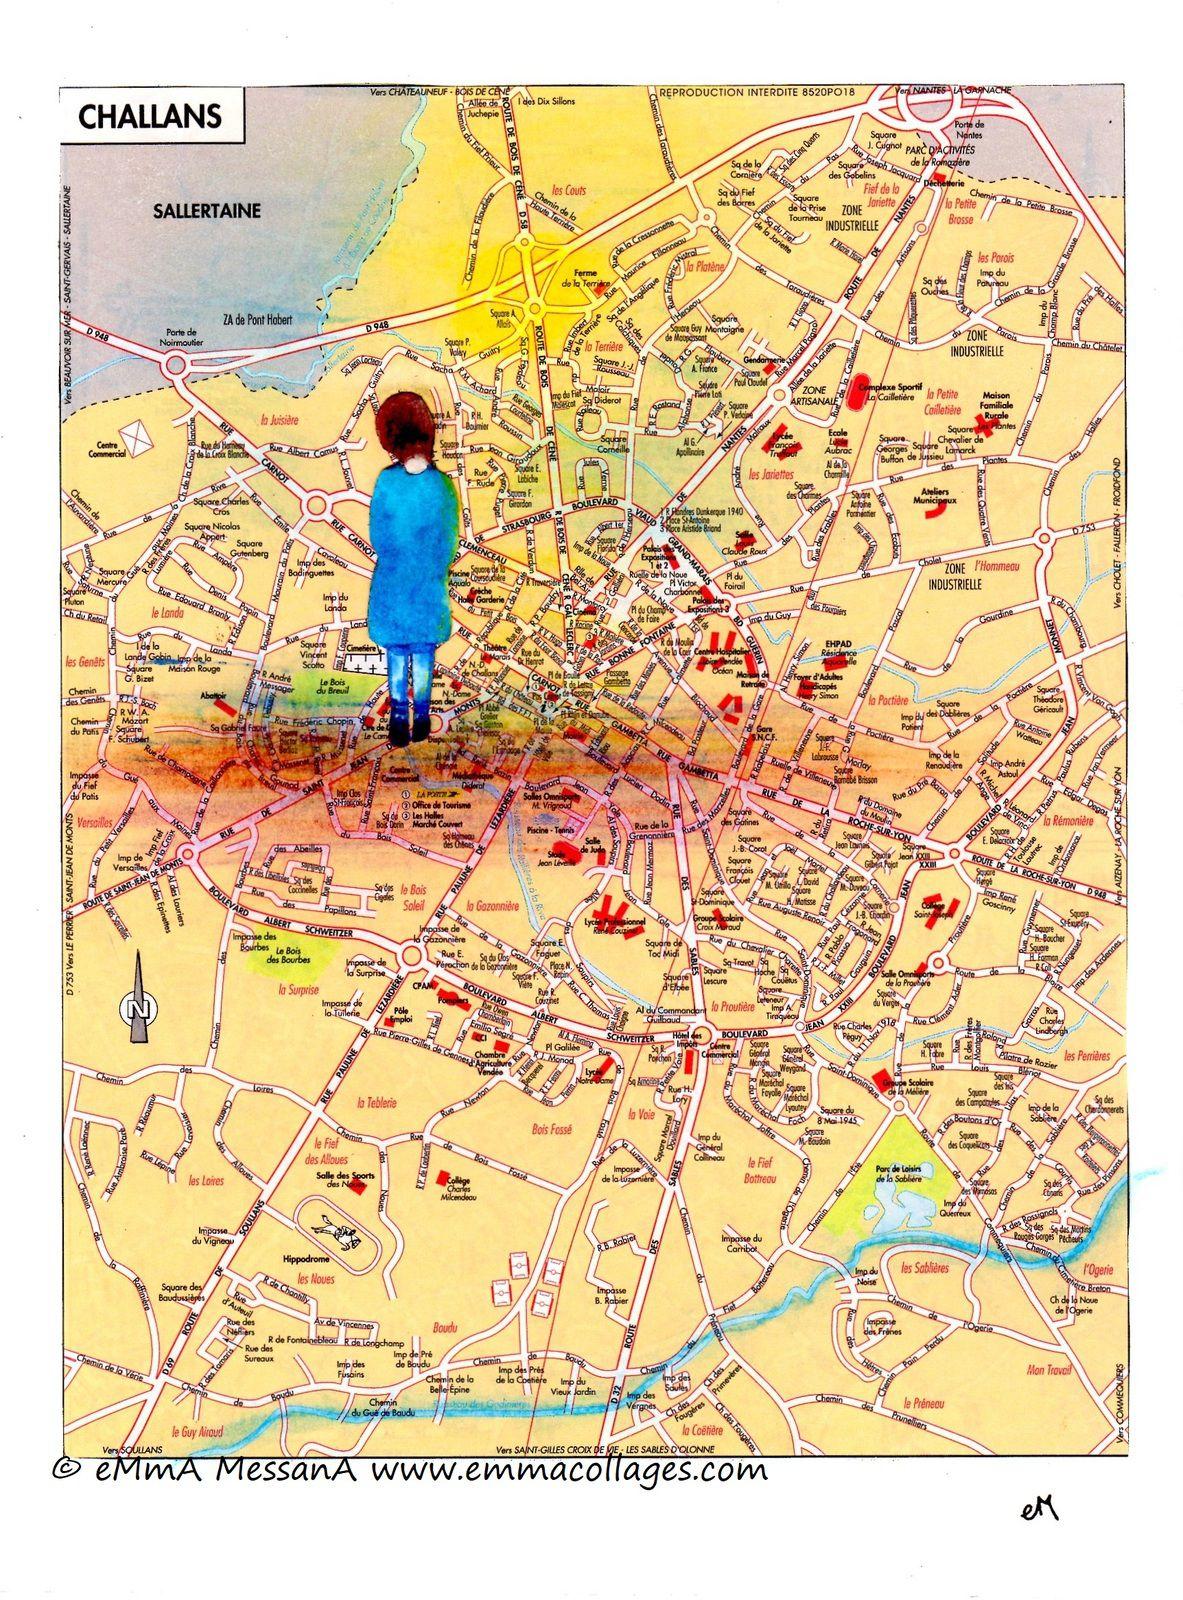 """Les Collages d'eMmA MessanA, collage N°477 """"En robe bleu canard"""", pièce unique © eMmA MessanA"""